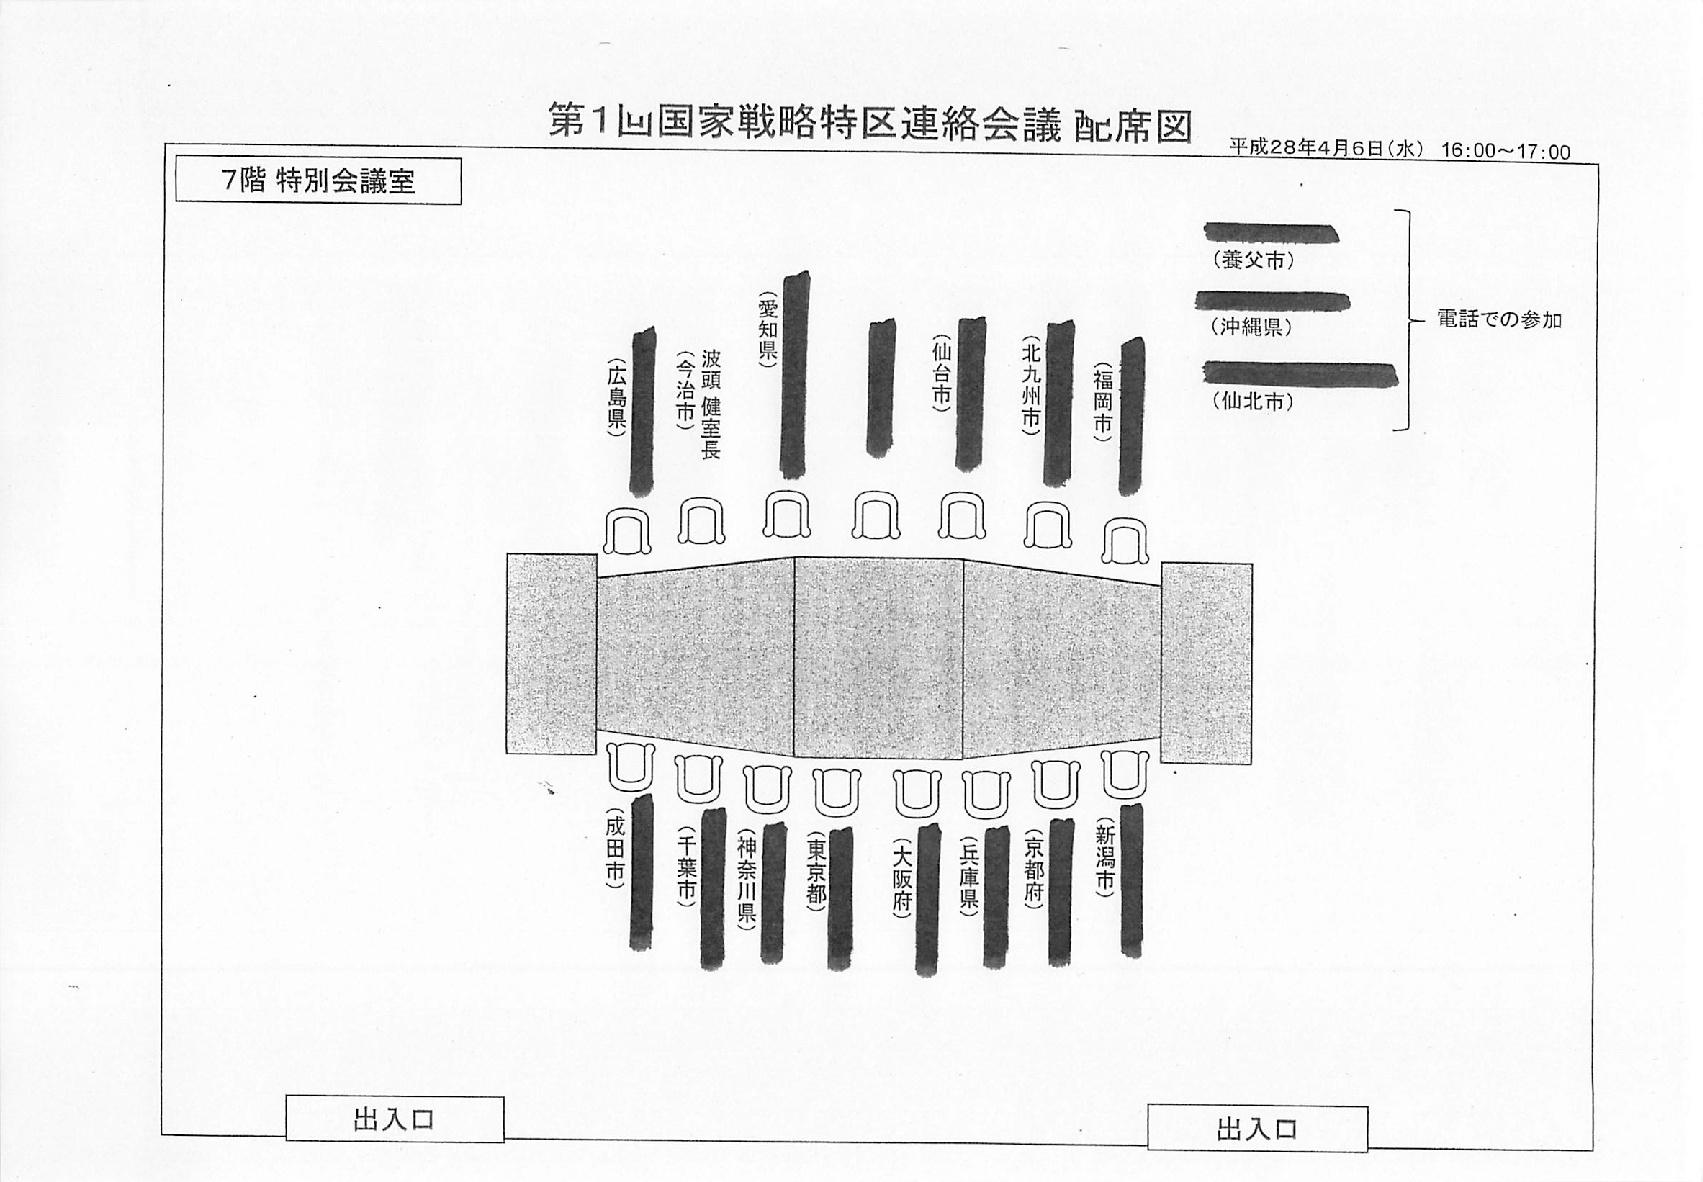 今治市 20160406-7 国家戦略特区連絡会議 国交副大臣面会 (8)